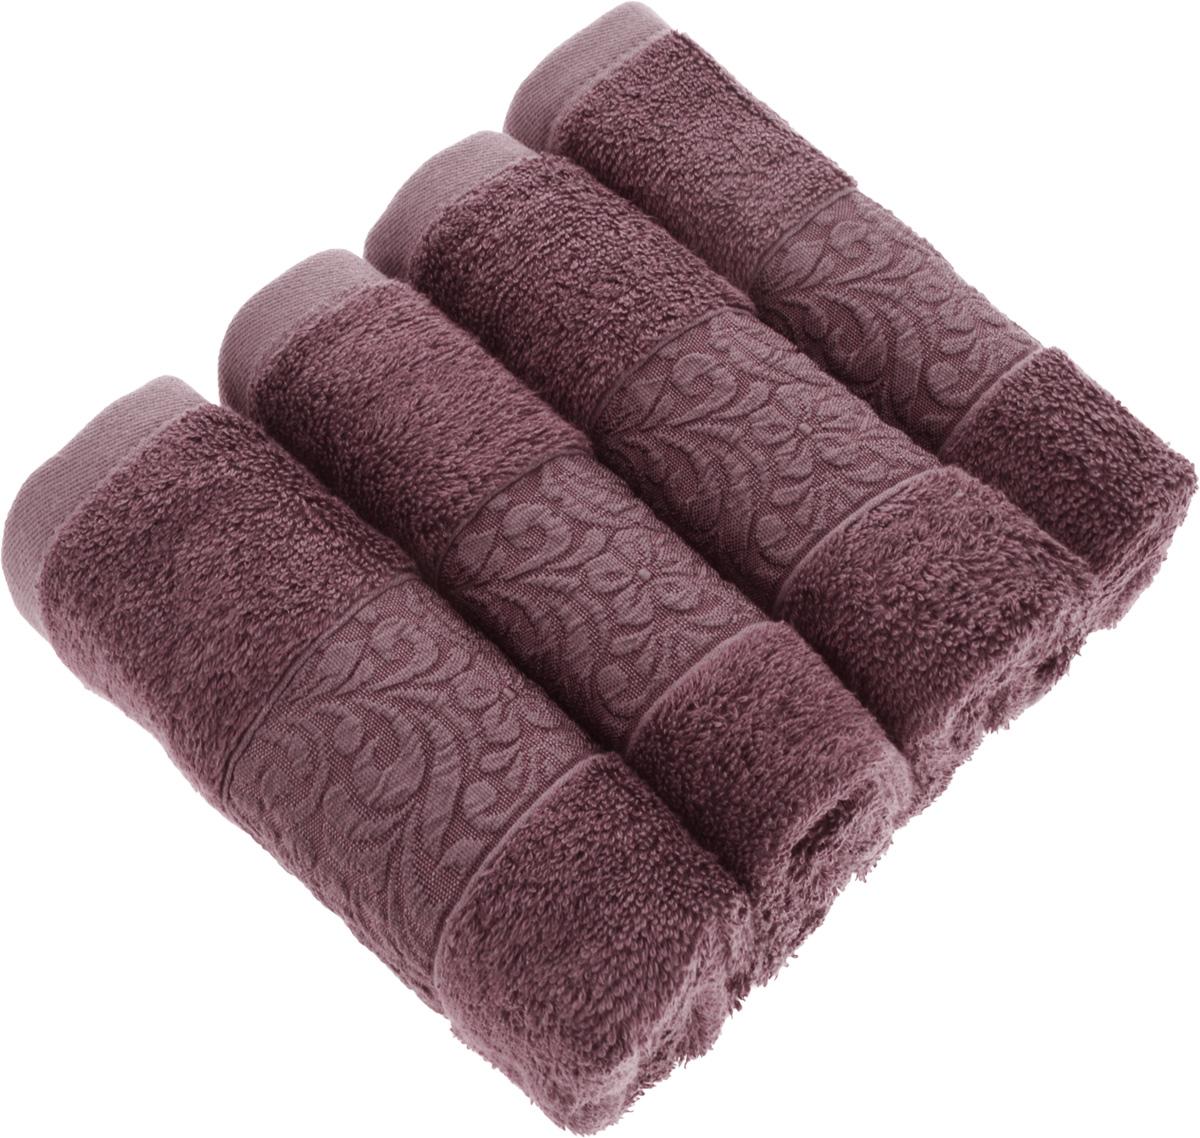 Набор бамбуковых полотенец Issimo Home Valencia, цвет: пыльная роза, 30 x 50 см, 4 шт4771Полотенца Issimo Home Valencia выполнены из 60% бамбукового волокна и 40% хлопка. Такими полотенцами не нужно вытираться - только коснитесь кожи - и ткань сама все впитает. Такая ткань впитывает в 3 раза лучше, чем хлопок.Набор из маленьких полотенец-салфеток очень практичен - он станет незаменимым в дороге и в путешествиях. Кроме того, это хороший, красивый и изысканный подарок.Несмотря на богатую плотность и высокую петлю полотенец, они быстро сохнут, остаются легкими даже при намокании.Набор бамбуковых полотенец имеет красивый жаккардовый бордюр, выполненный с орнаментом в цвет изделия. Благородные, классические тона создадут уют и подчеркнут лучшие качества махровой ткани, а сочные, яркие, летние оттенки создадут ощущение праздника и наполнят дом энергией. Красивая, стильная упаковка этих полотенец делает их уже готовым подарком к любому случаю.